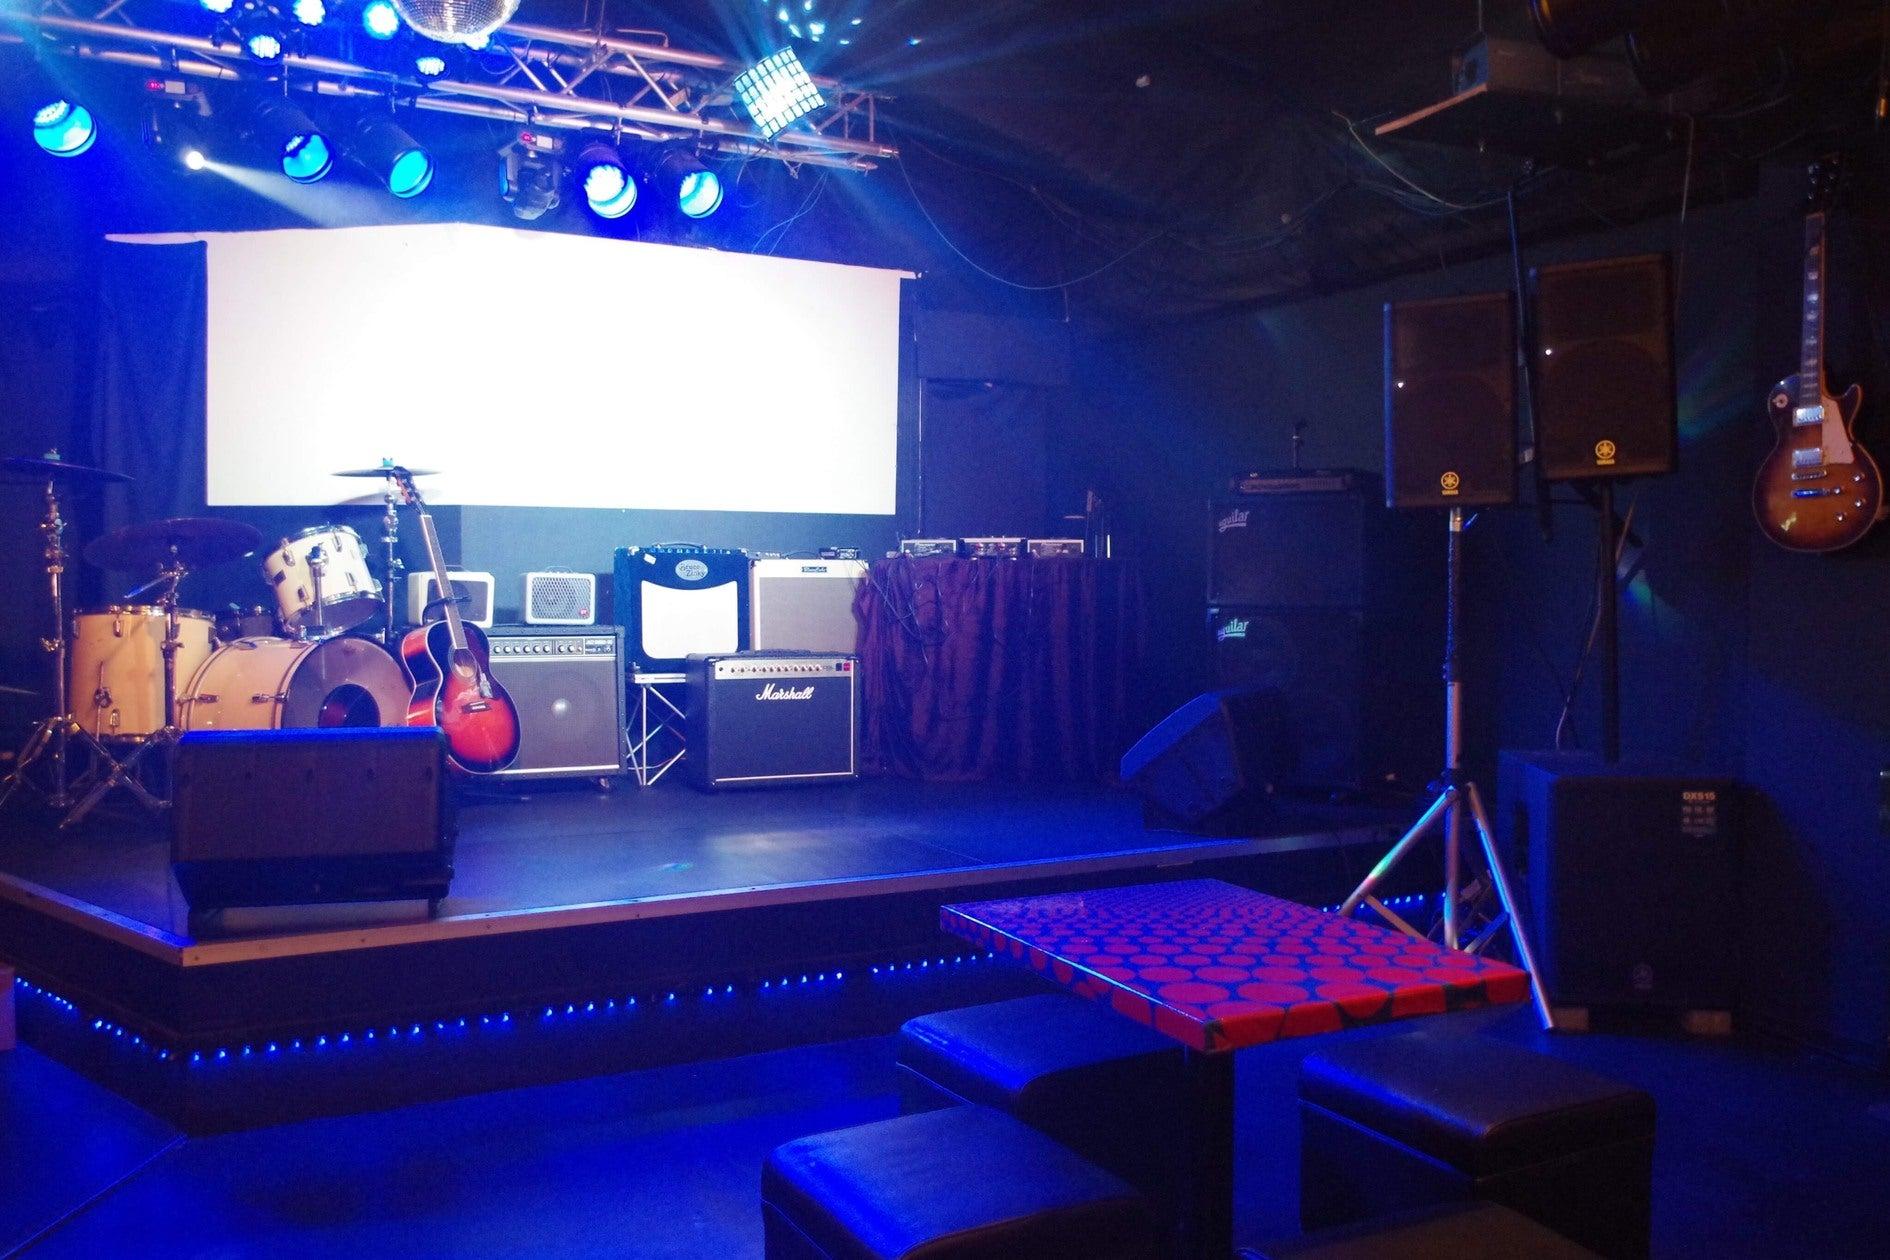 【歓送迎会や結婚式の2次会に最適!!】本格音響設備が揃うライブハウスバーがキャンペーン価格で貸切り可能!!(HOUSE OF BLUES STORMY MONDAY) の写真0